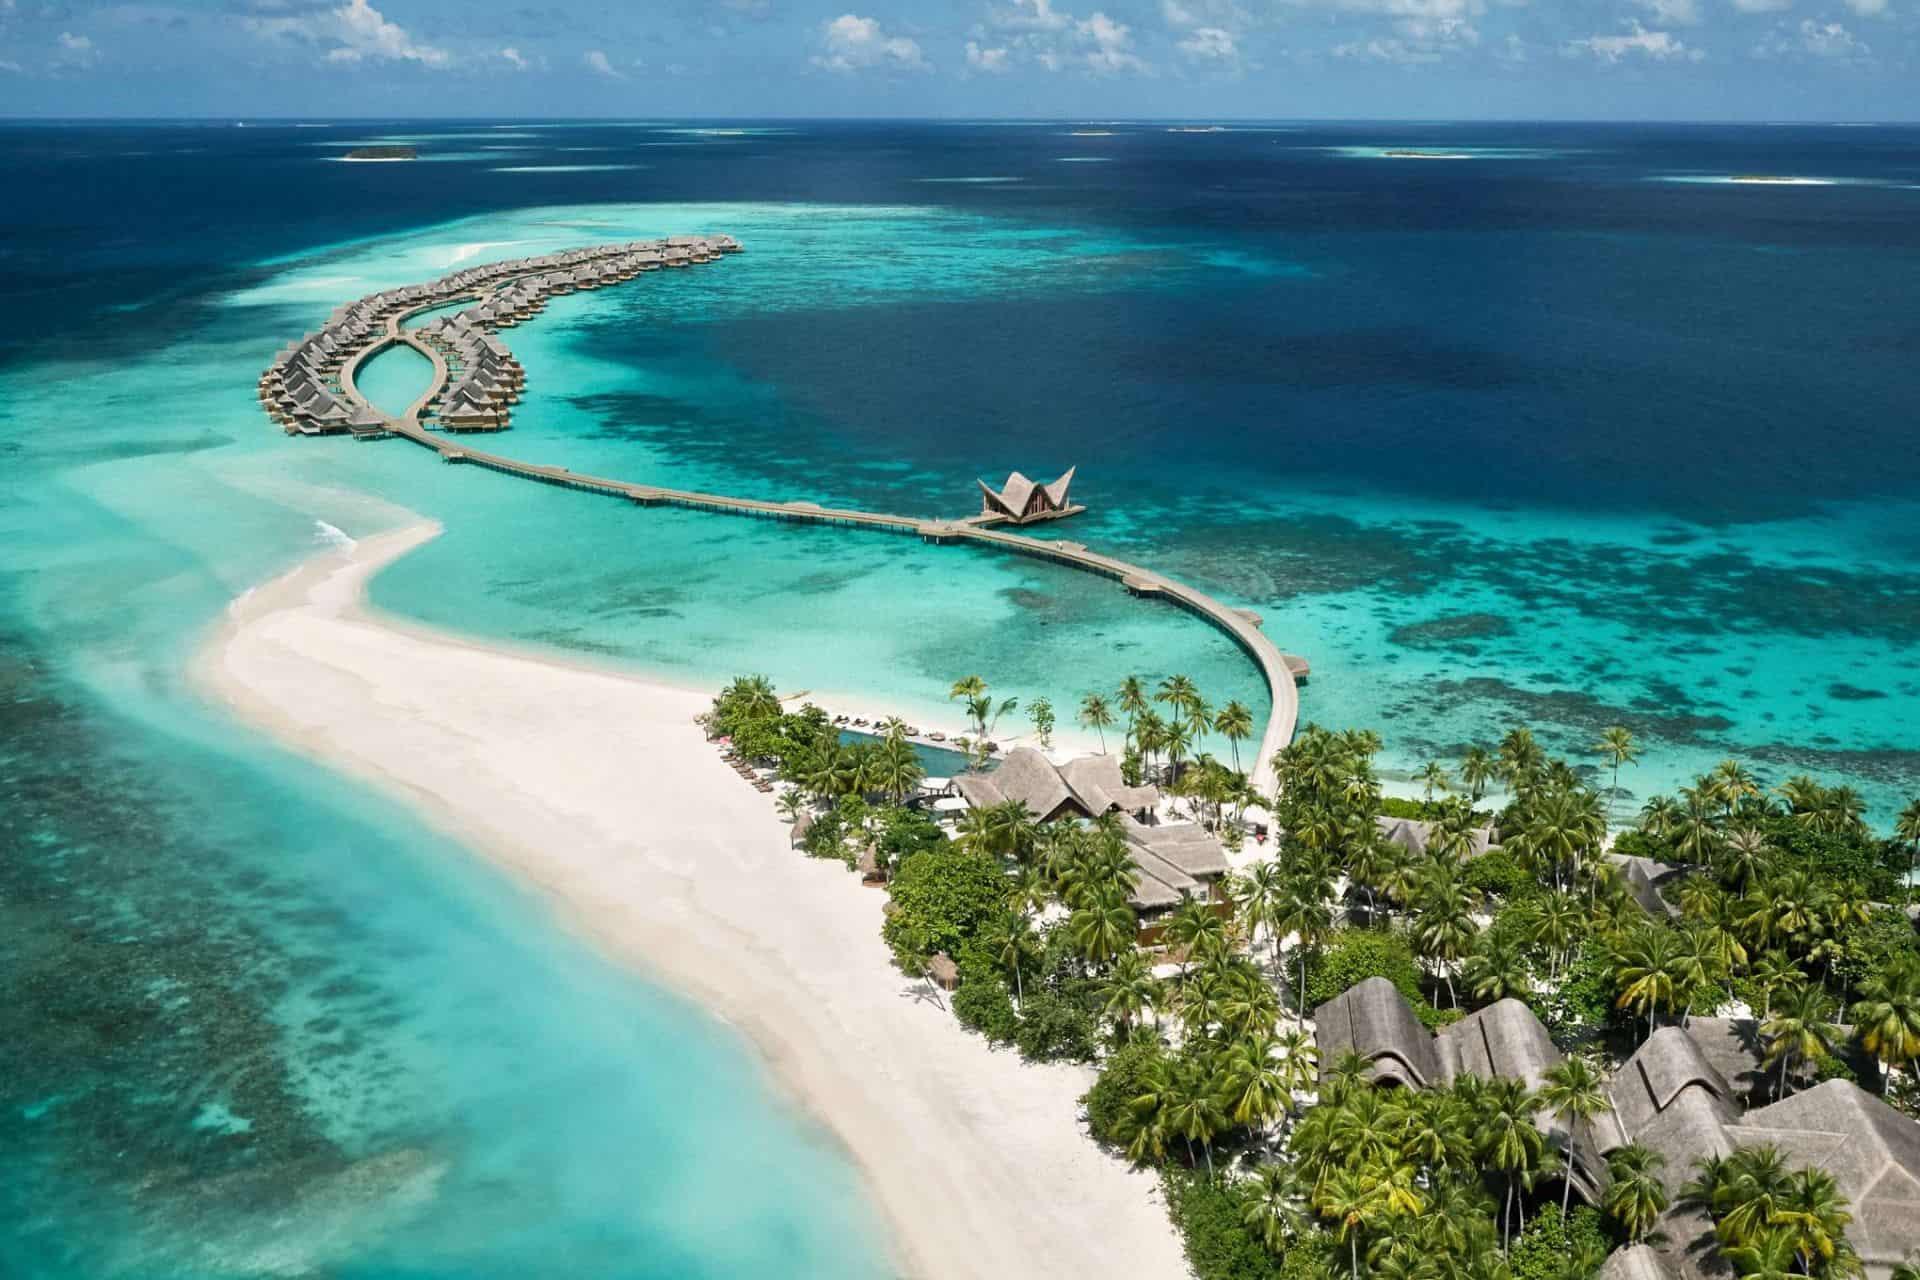 Joali maldives aerial view